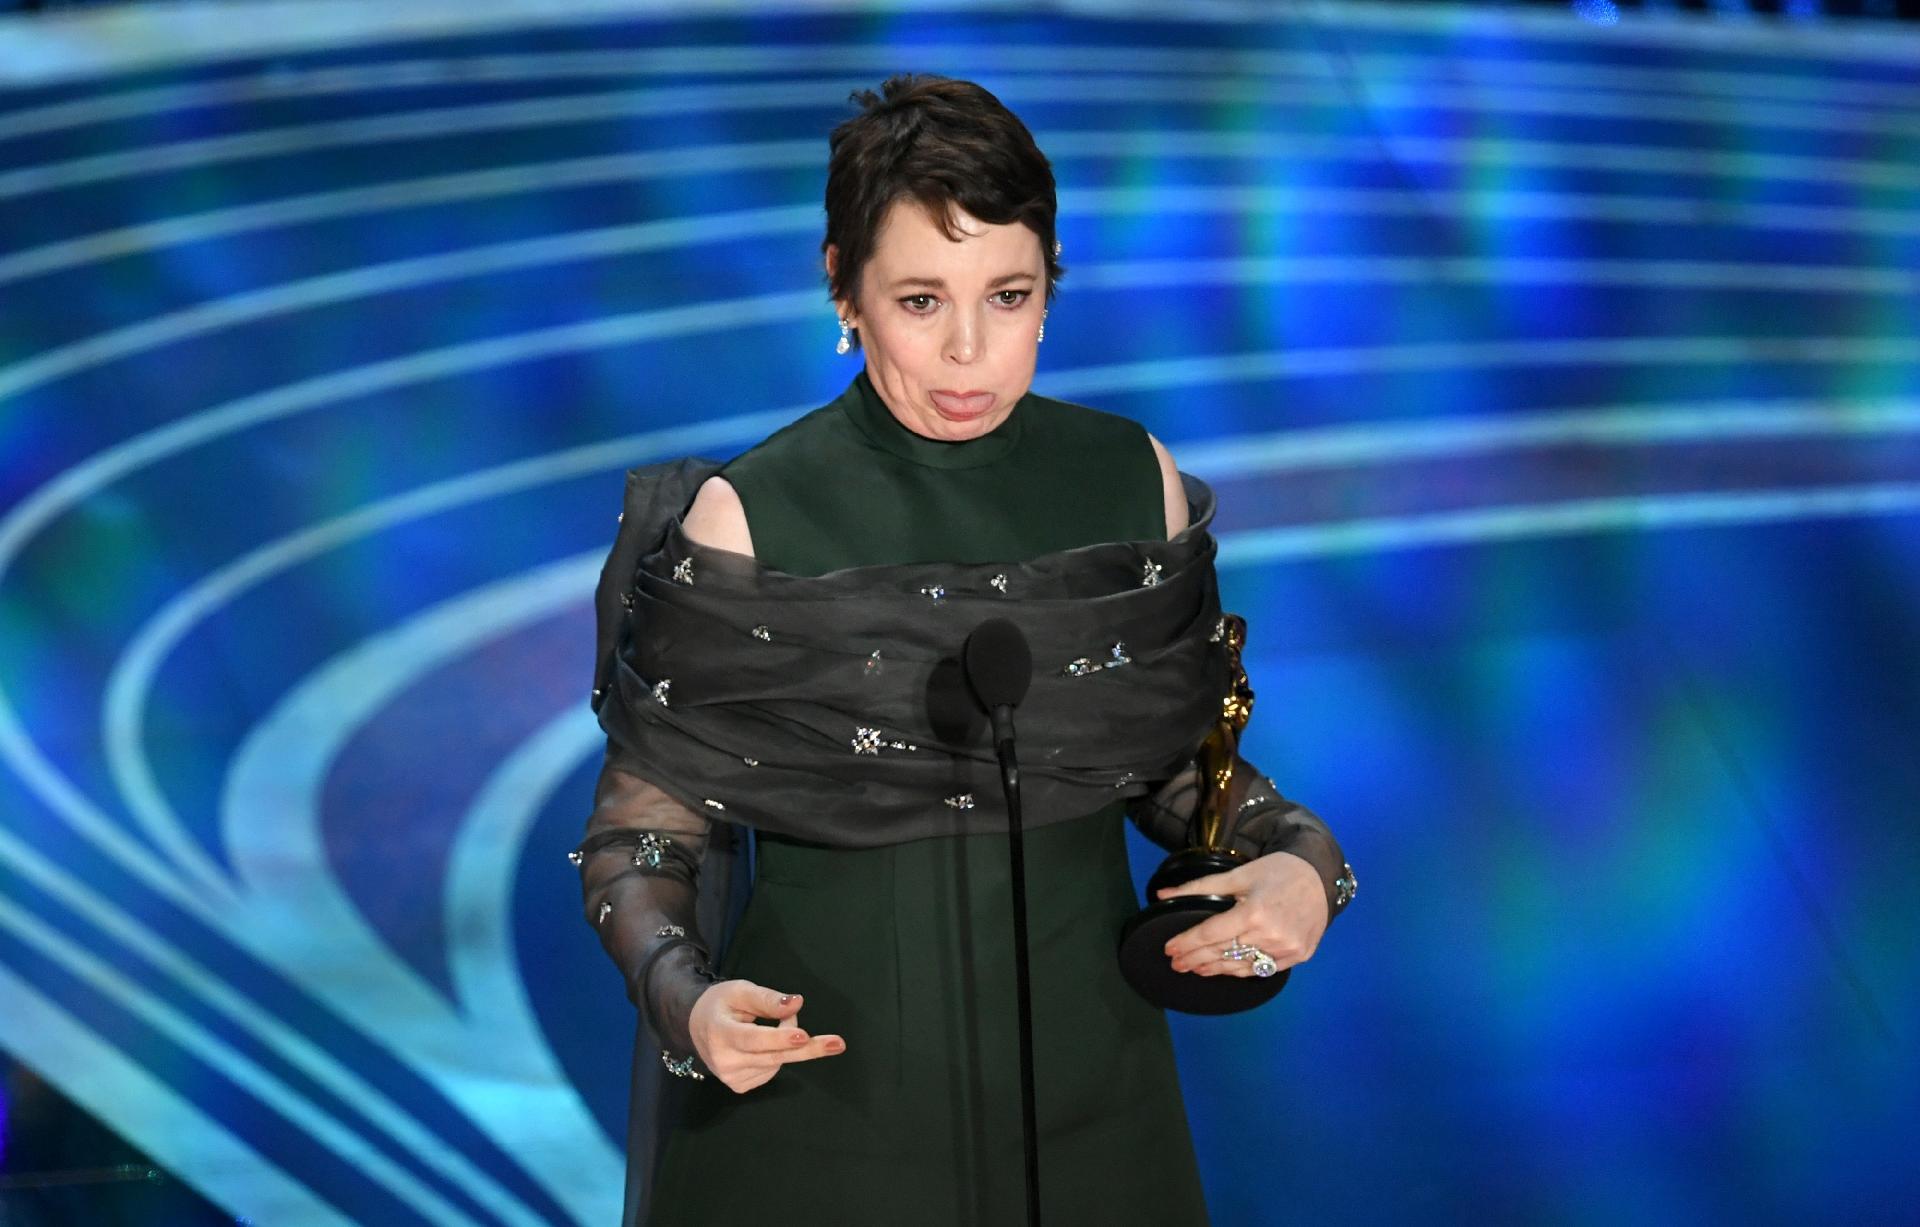 olivia-colman-faz-careta-ao-ganhar-o-oscar-de-melhor-atriz-por-a-favorita-1551067696597_v2_1920x1227